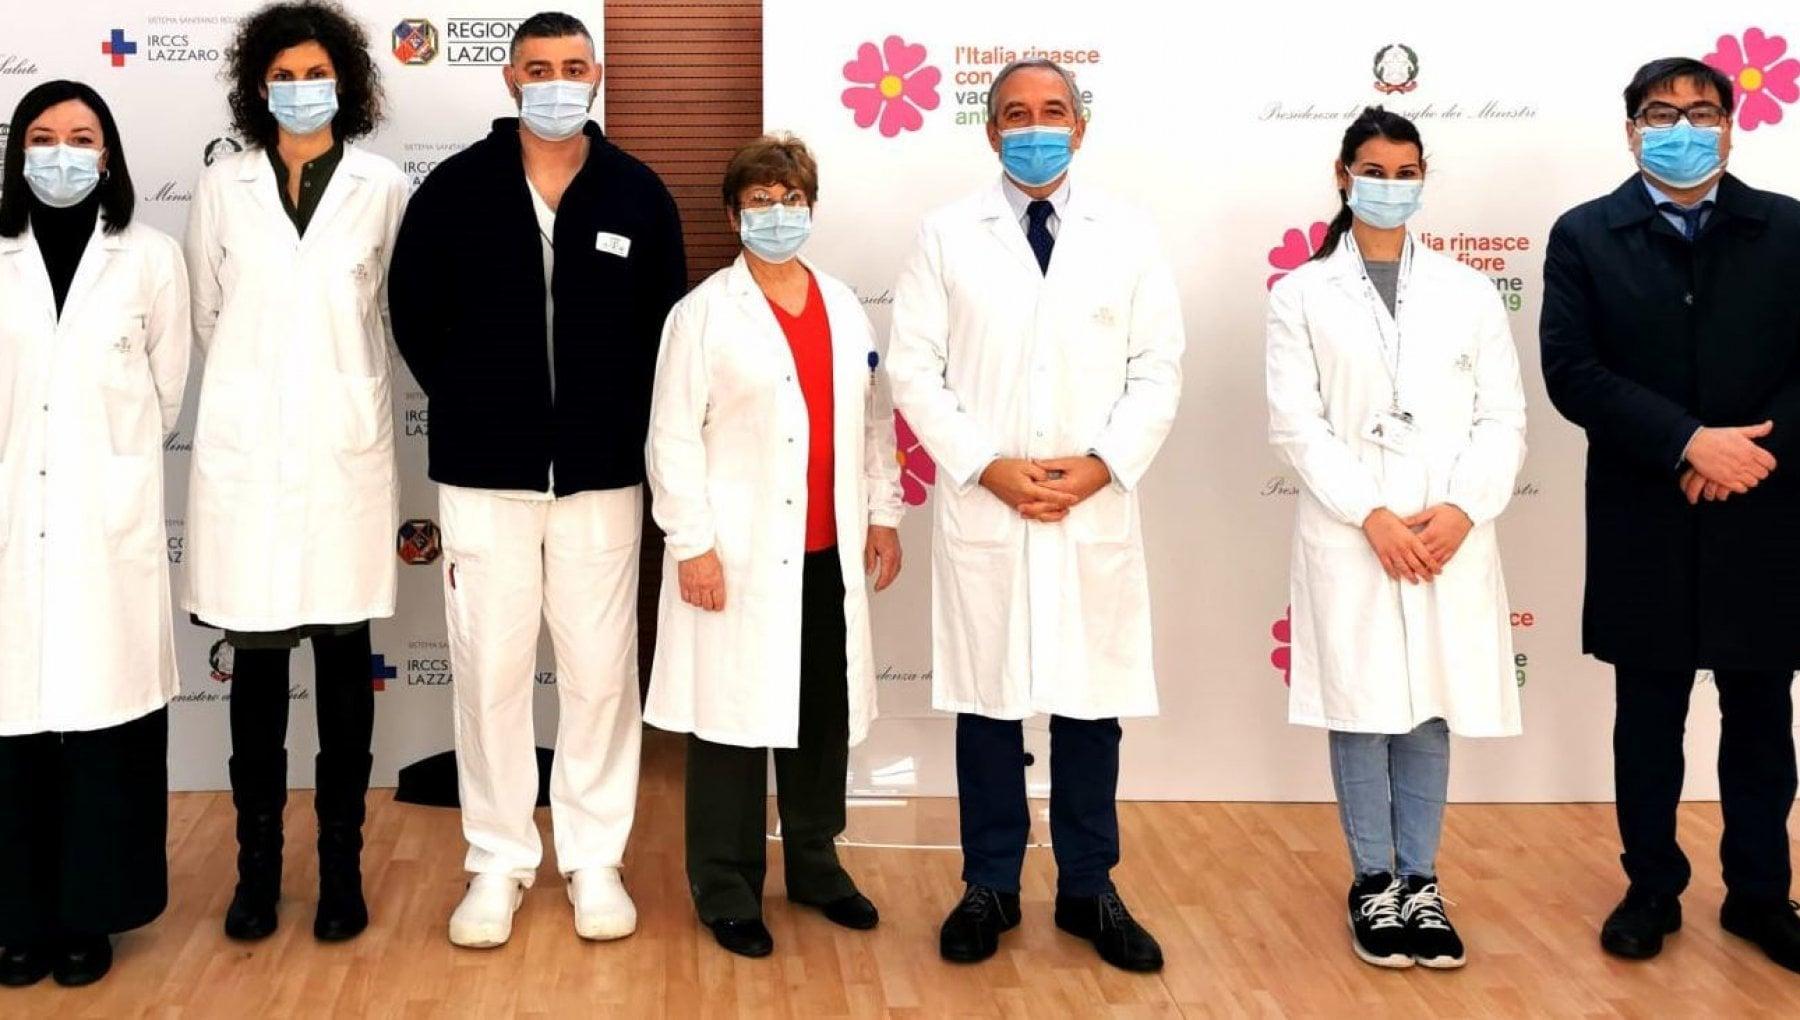 Roma Spallanzani Vax Day oggi il primo vaccino. Claudia Alivernini linfermiera simbolo Il mio e un atto damore